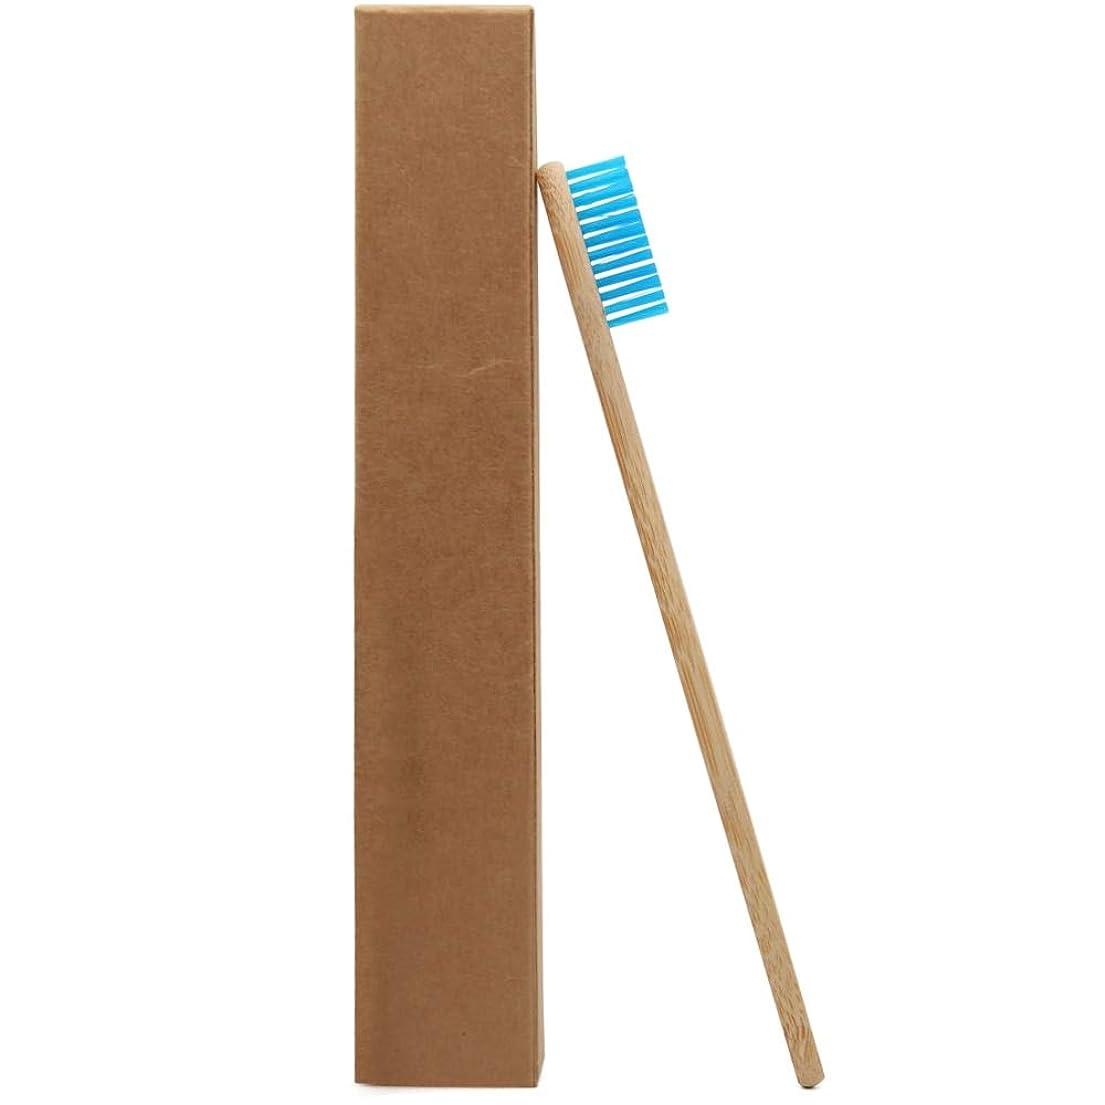 未接続時刻表隣接するYutner 1つのPCブルーヘッド竹歯ブラシ卸売環境木製ブルー竹歯ブラシオーラルケアソフト絵筆